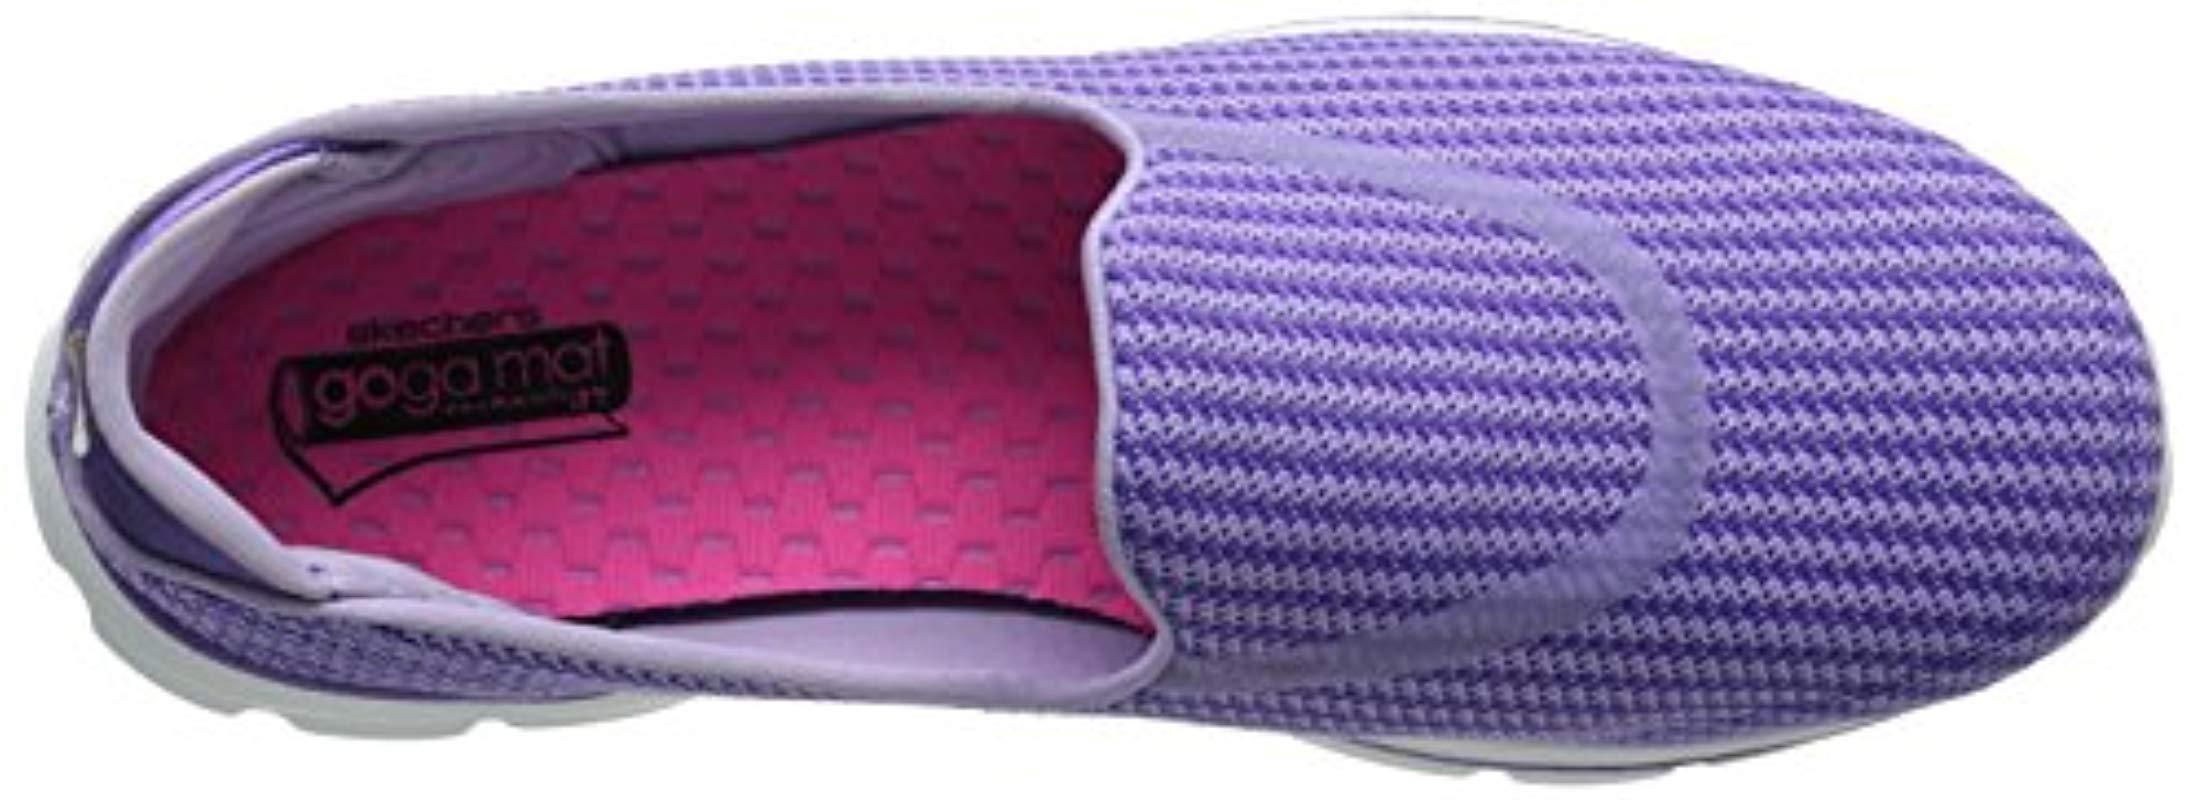 Go Walk 3 Skechers de Tejido sintético de color Morado